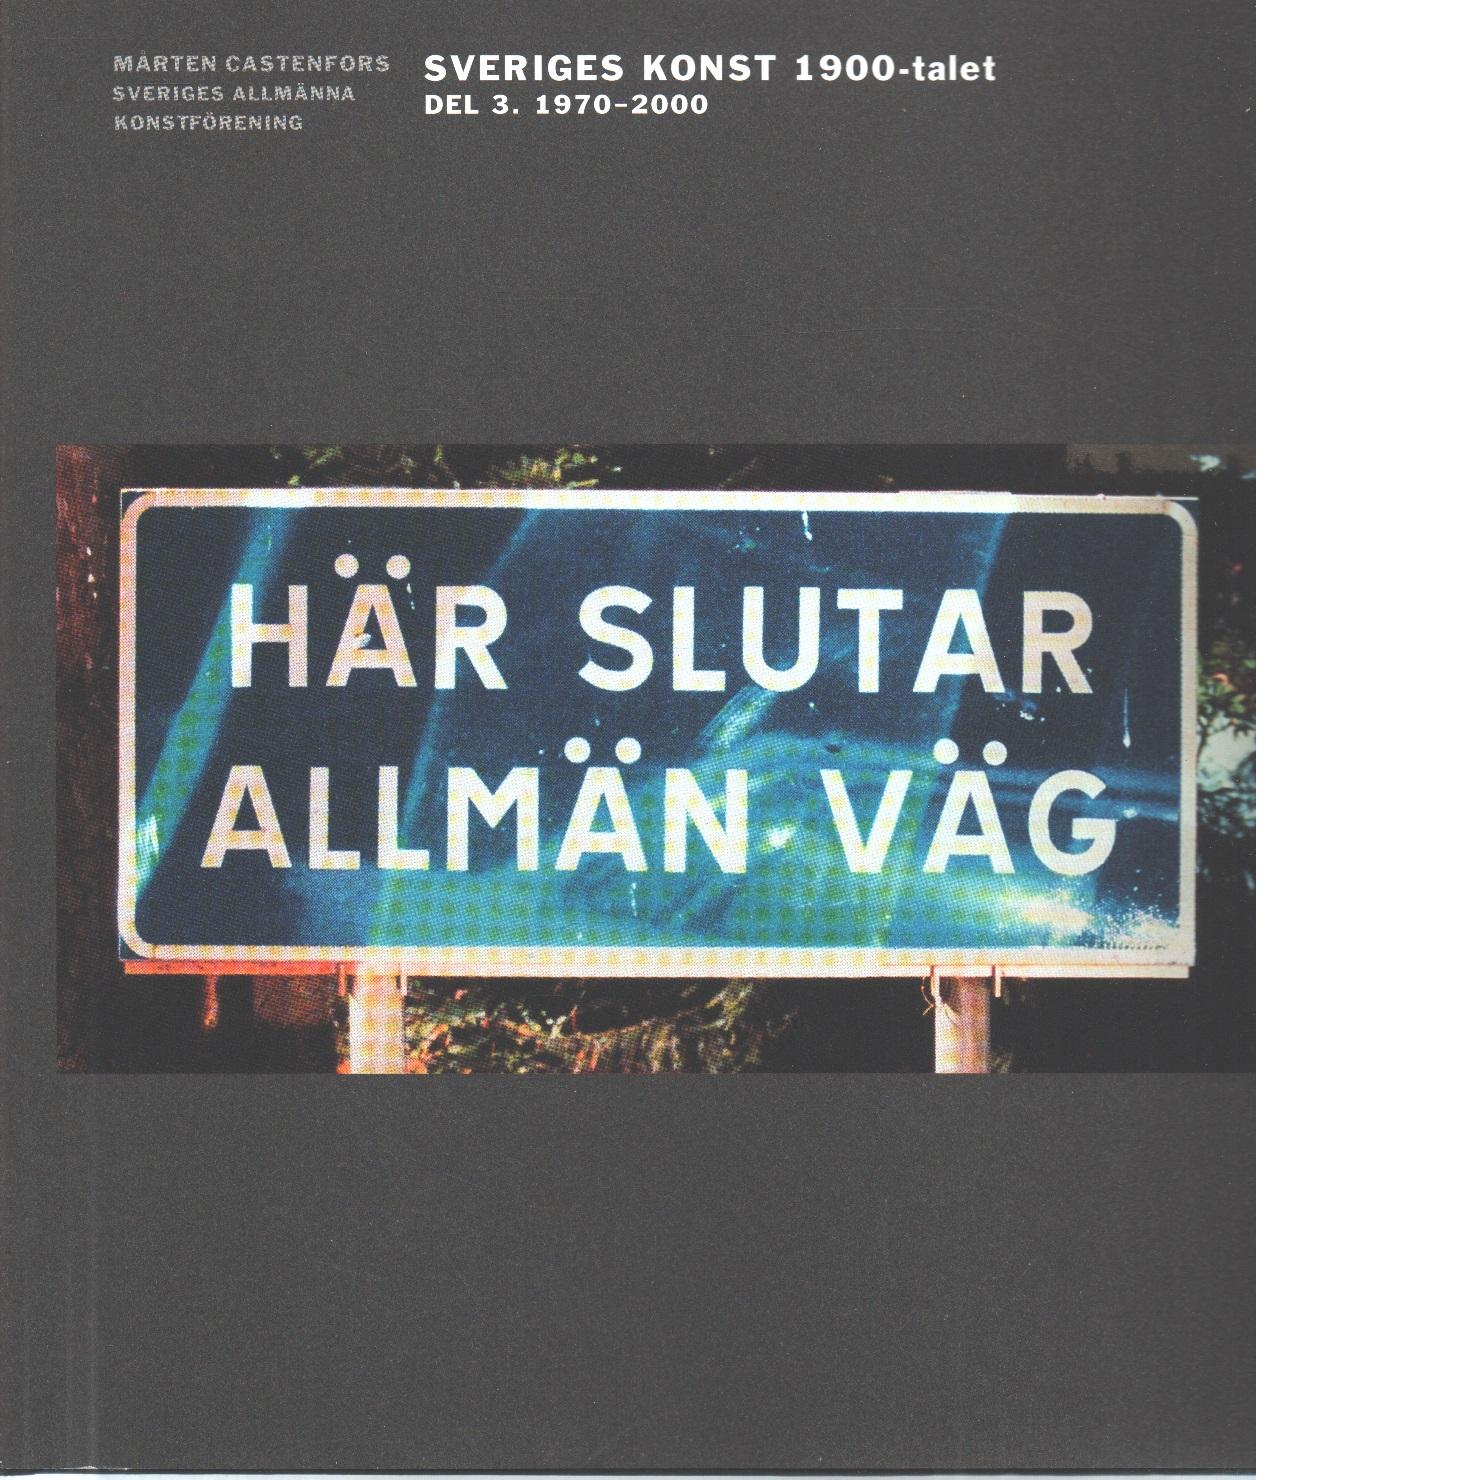 Sveriges konst 1900-talet. D. 3, 1970-2000 - Castenfors, Mårten